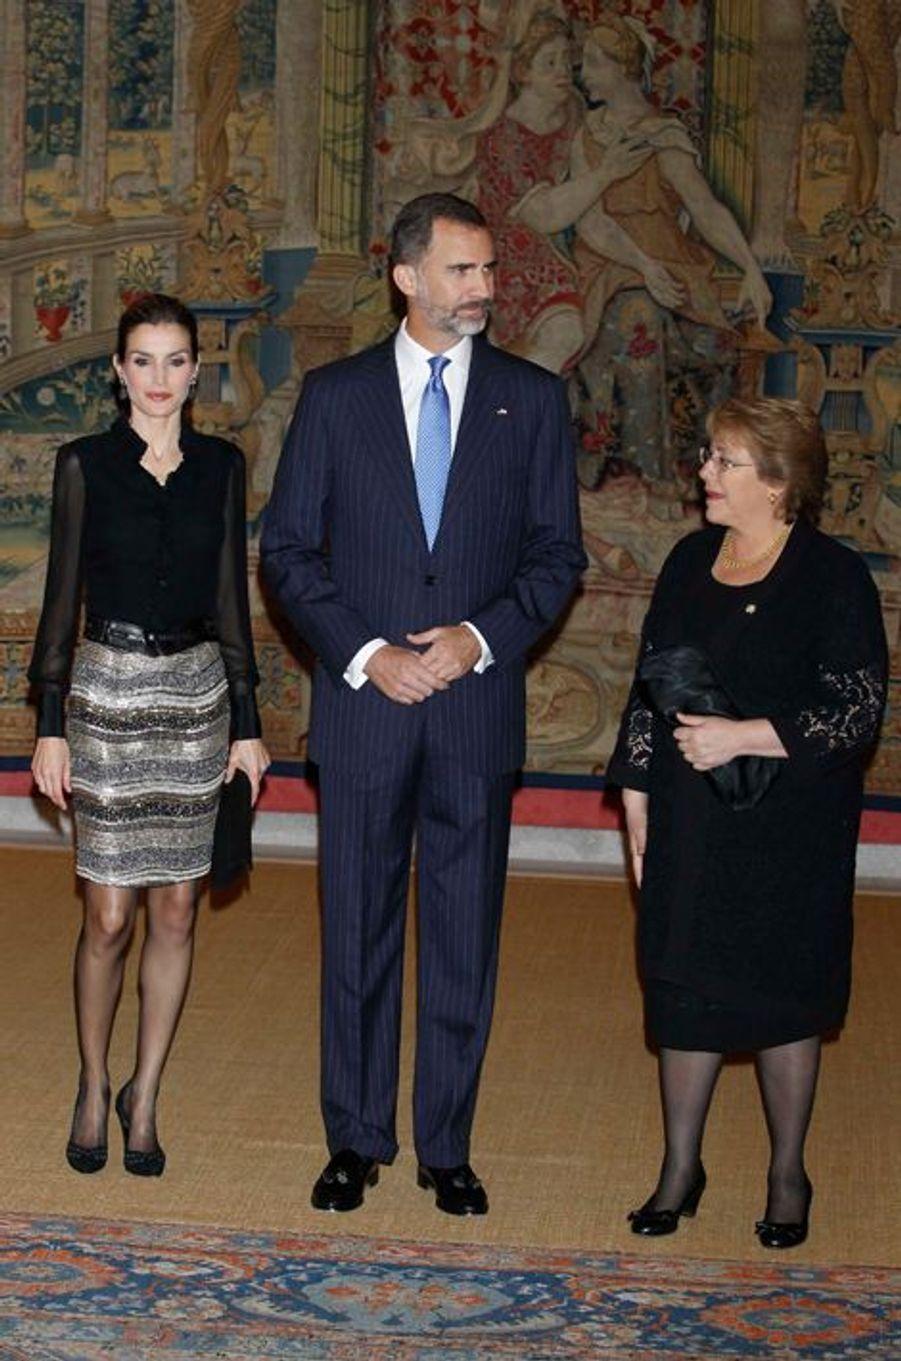 Le roi Felipe VI d'Espagne et la reine Letizia au dîner offert par la présidente du Chili Michelle Bachelet à Madrid, le 30 octobre 2014